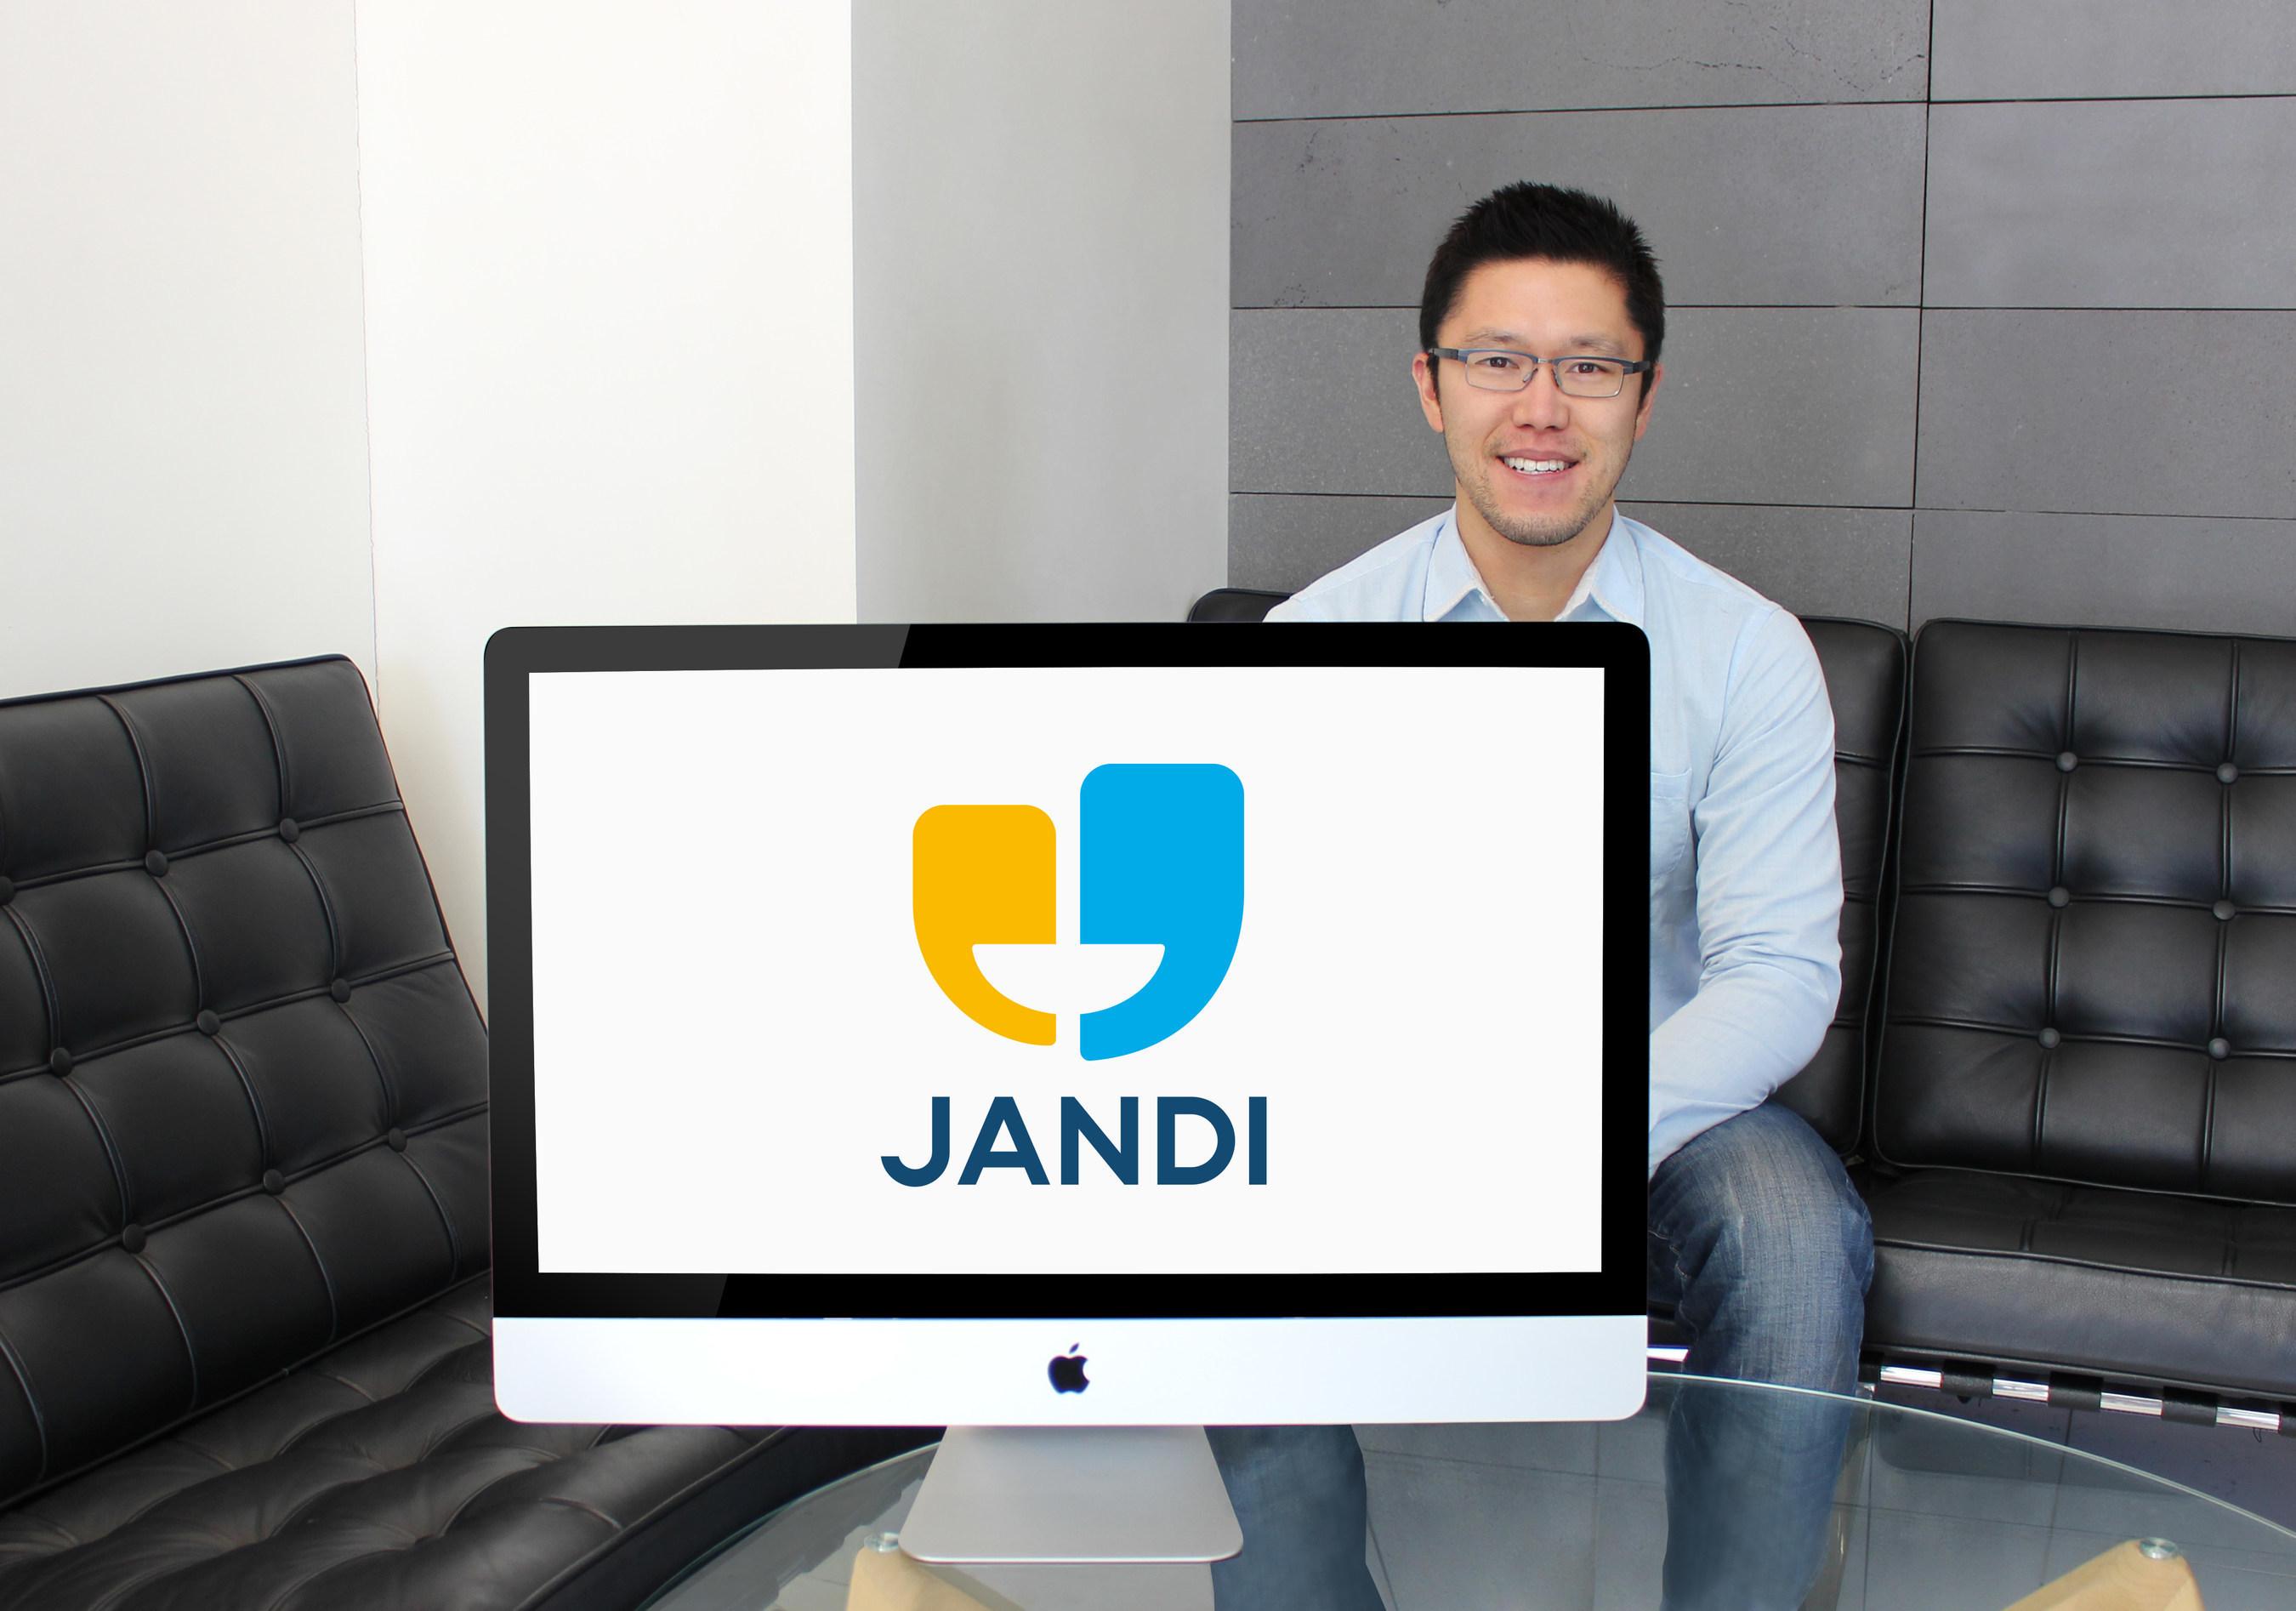 Imagenes De Jandi toss lab, the creators of enterprise communication platform